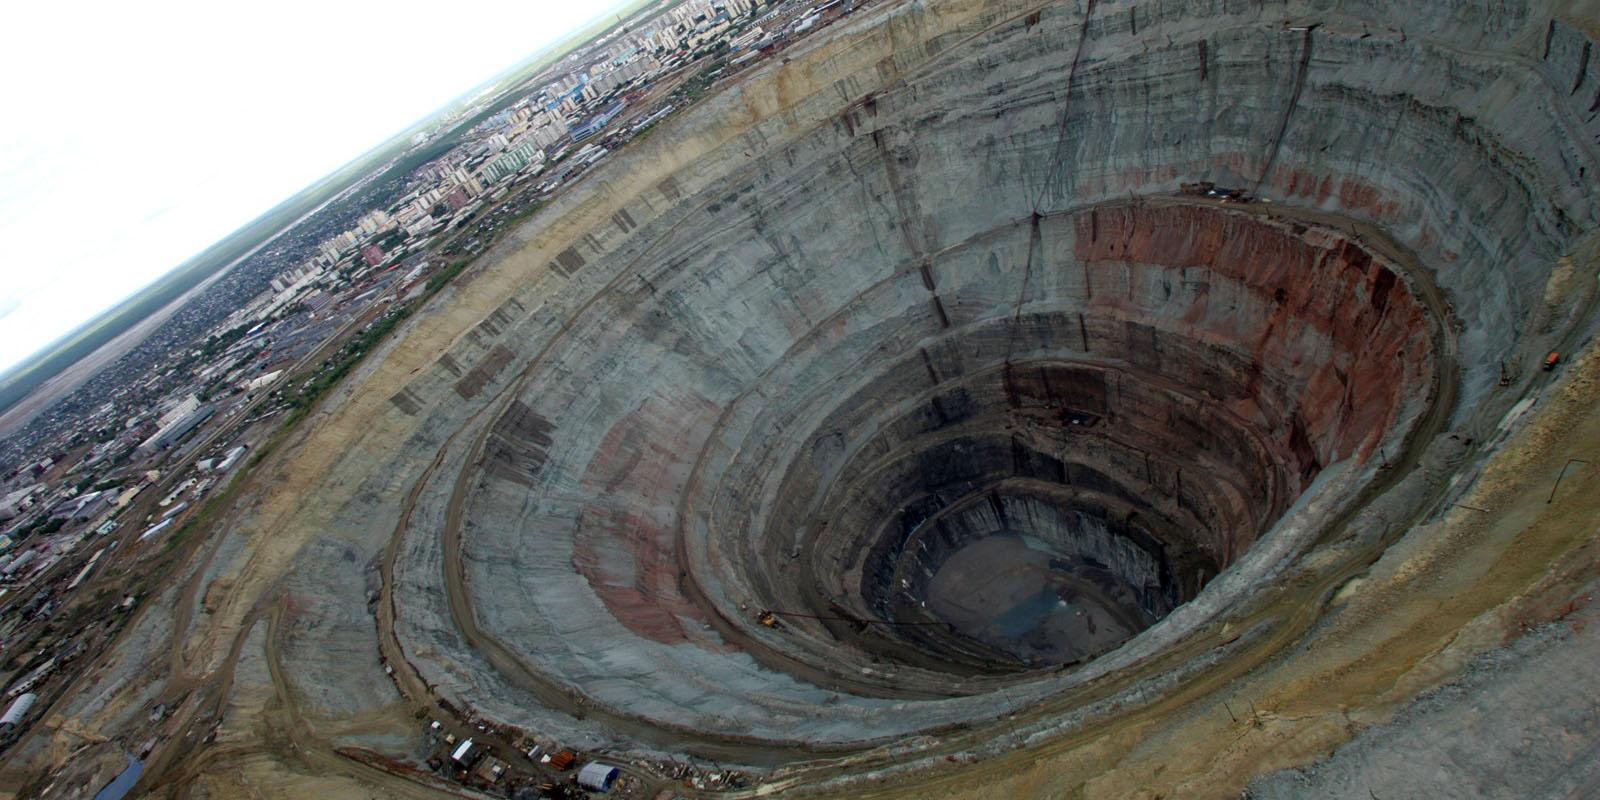 استخراج 6.2 میلیون تن مواد معدنی از معادن چهارمحال و بختیاری